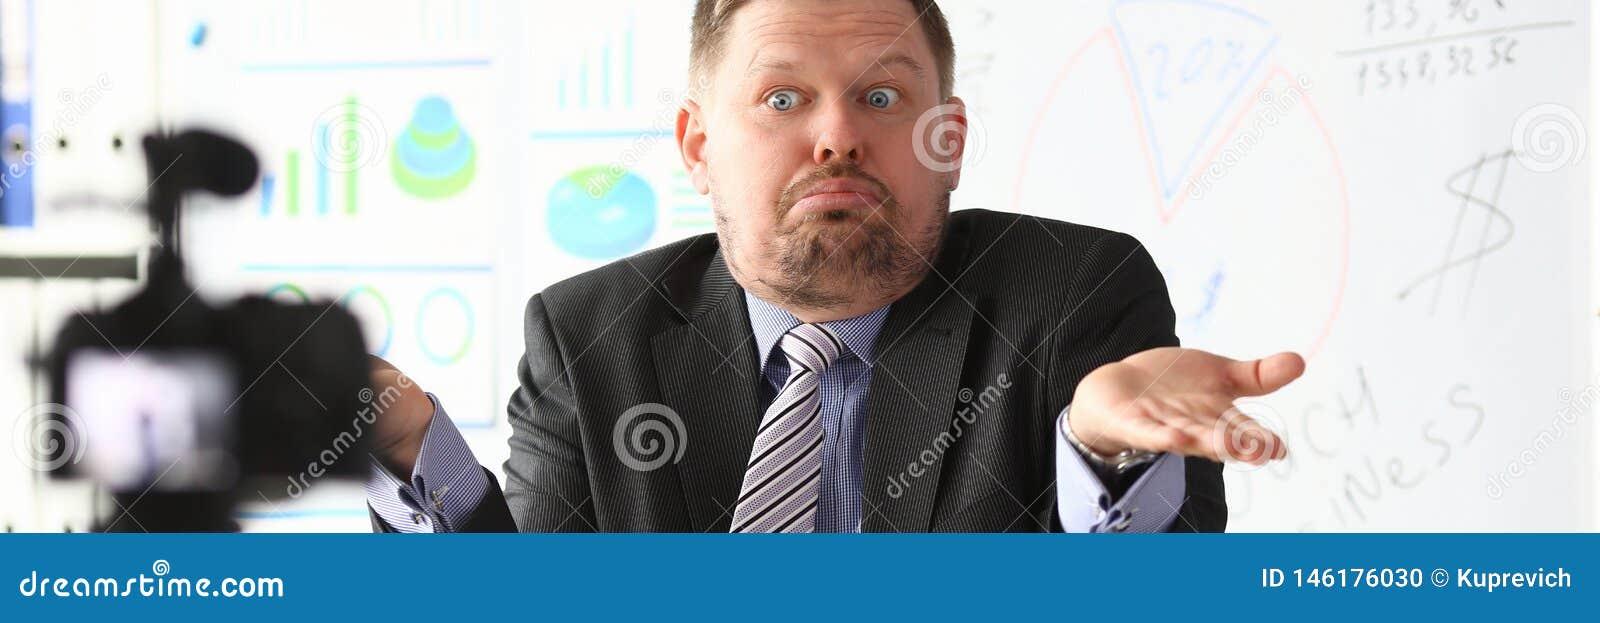 De zakenman blogger gaat liggen online het gillen